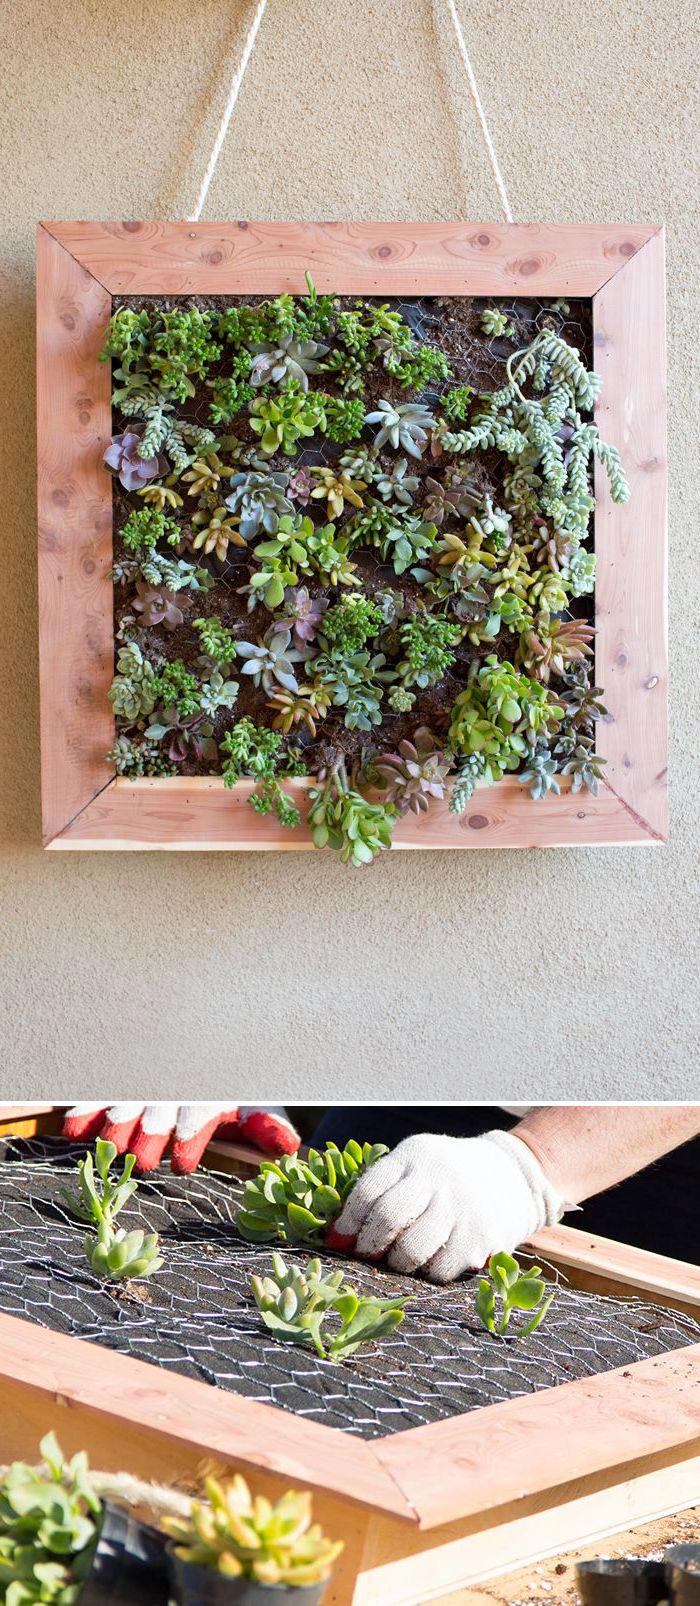 holzdeko garten, pflanzenwand selber machen aus holzrahmen und netz